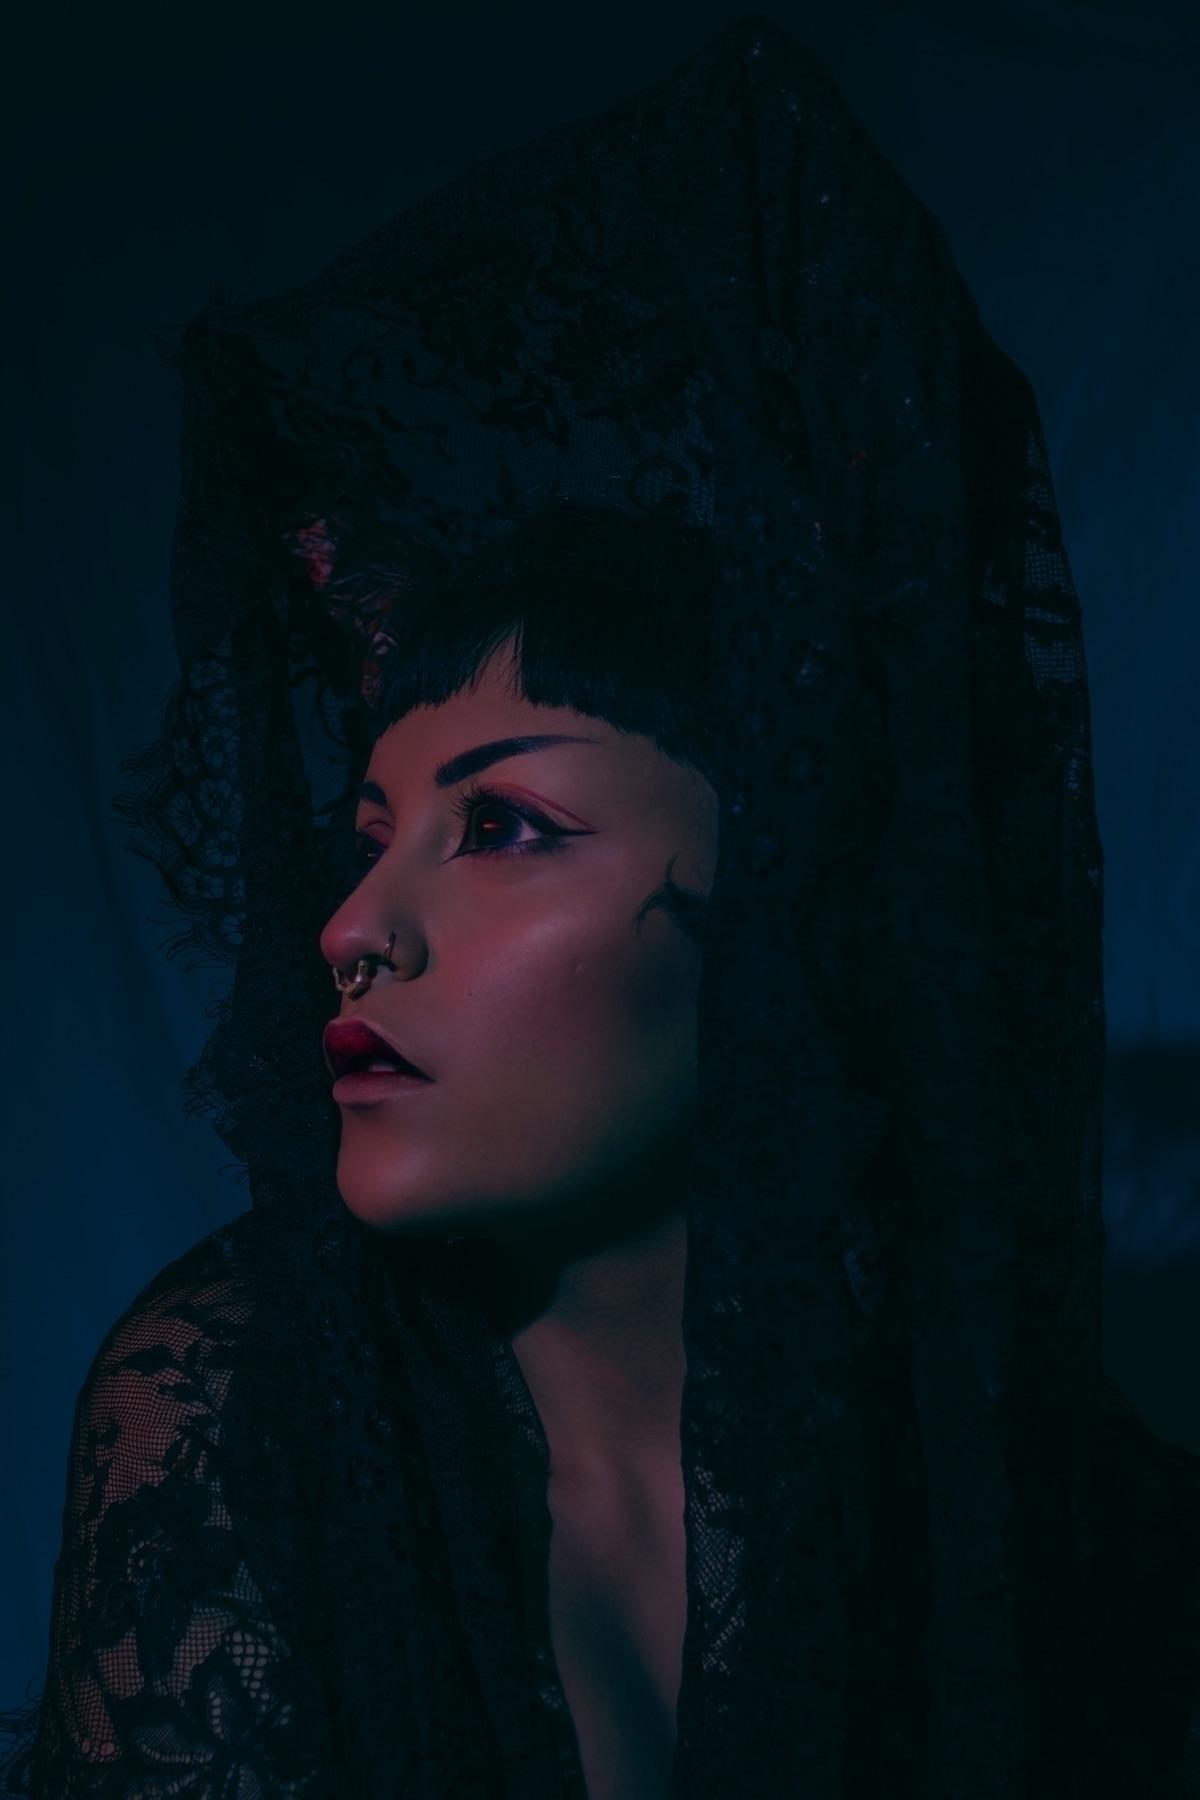 bruja - alejandra_aragon | ello